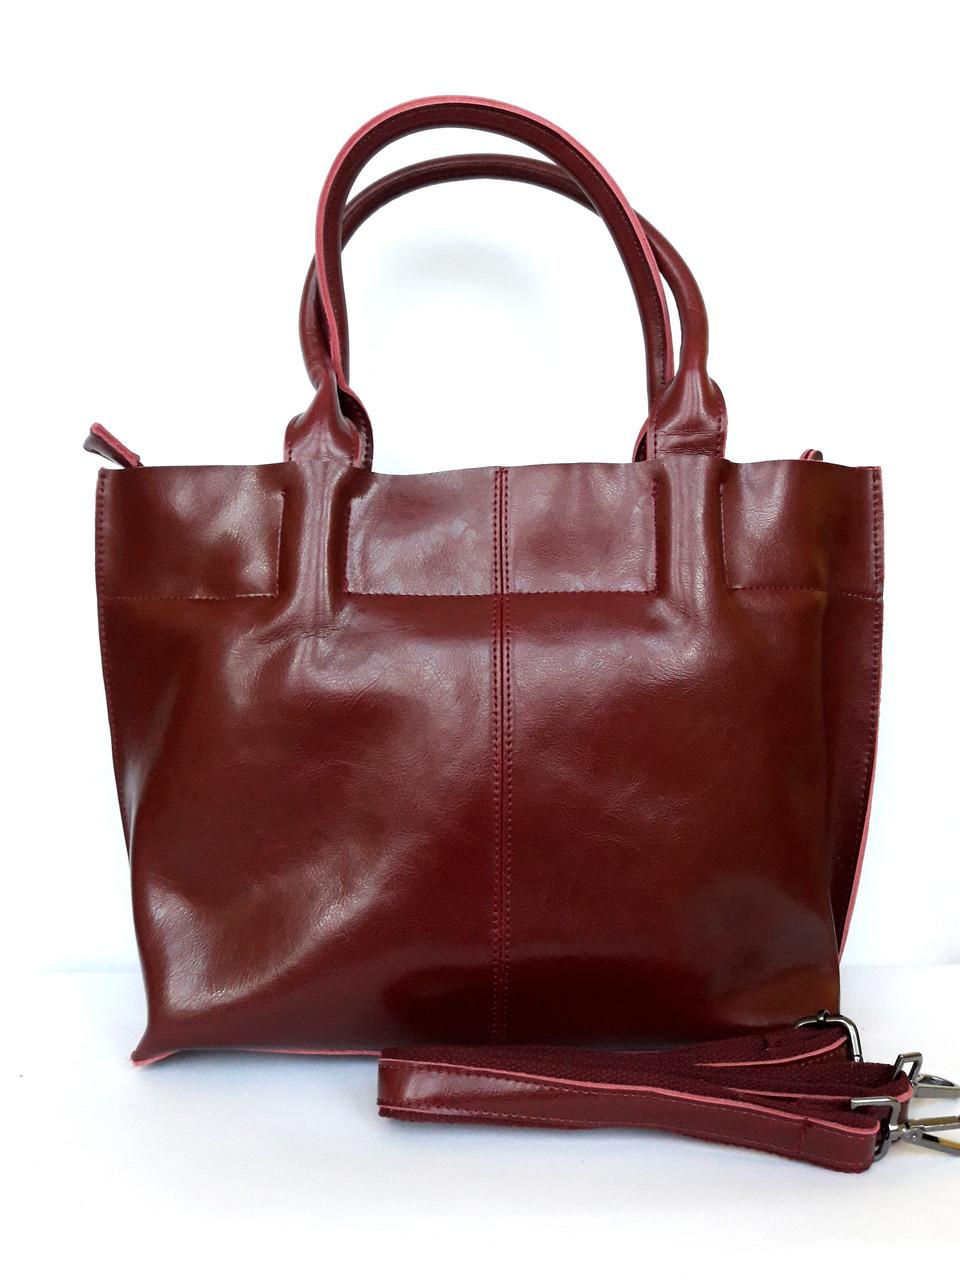 b3f8115deb34 Женская кожаная сумка